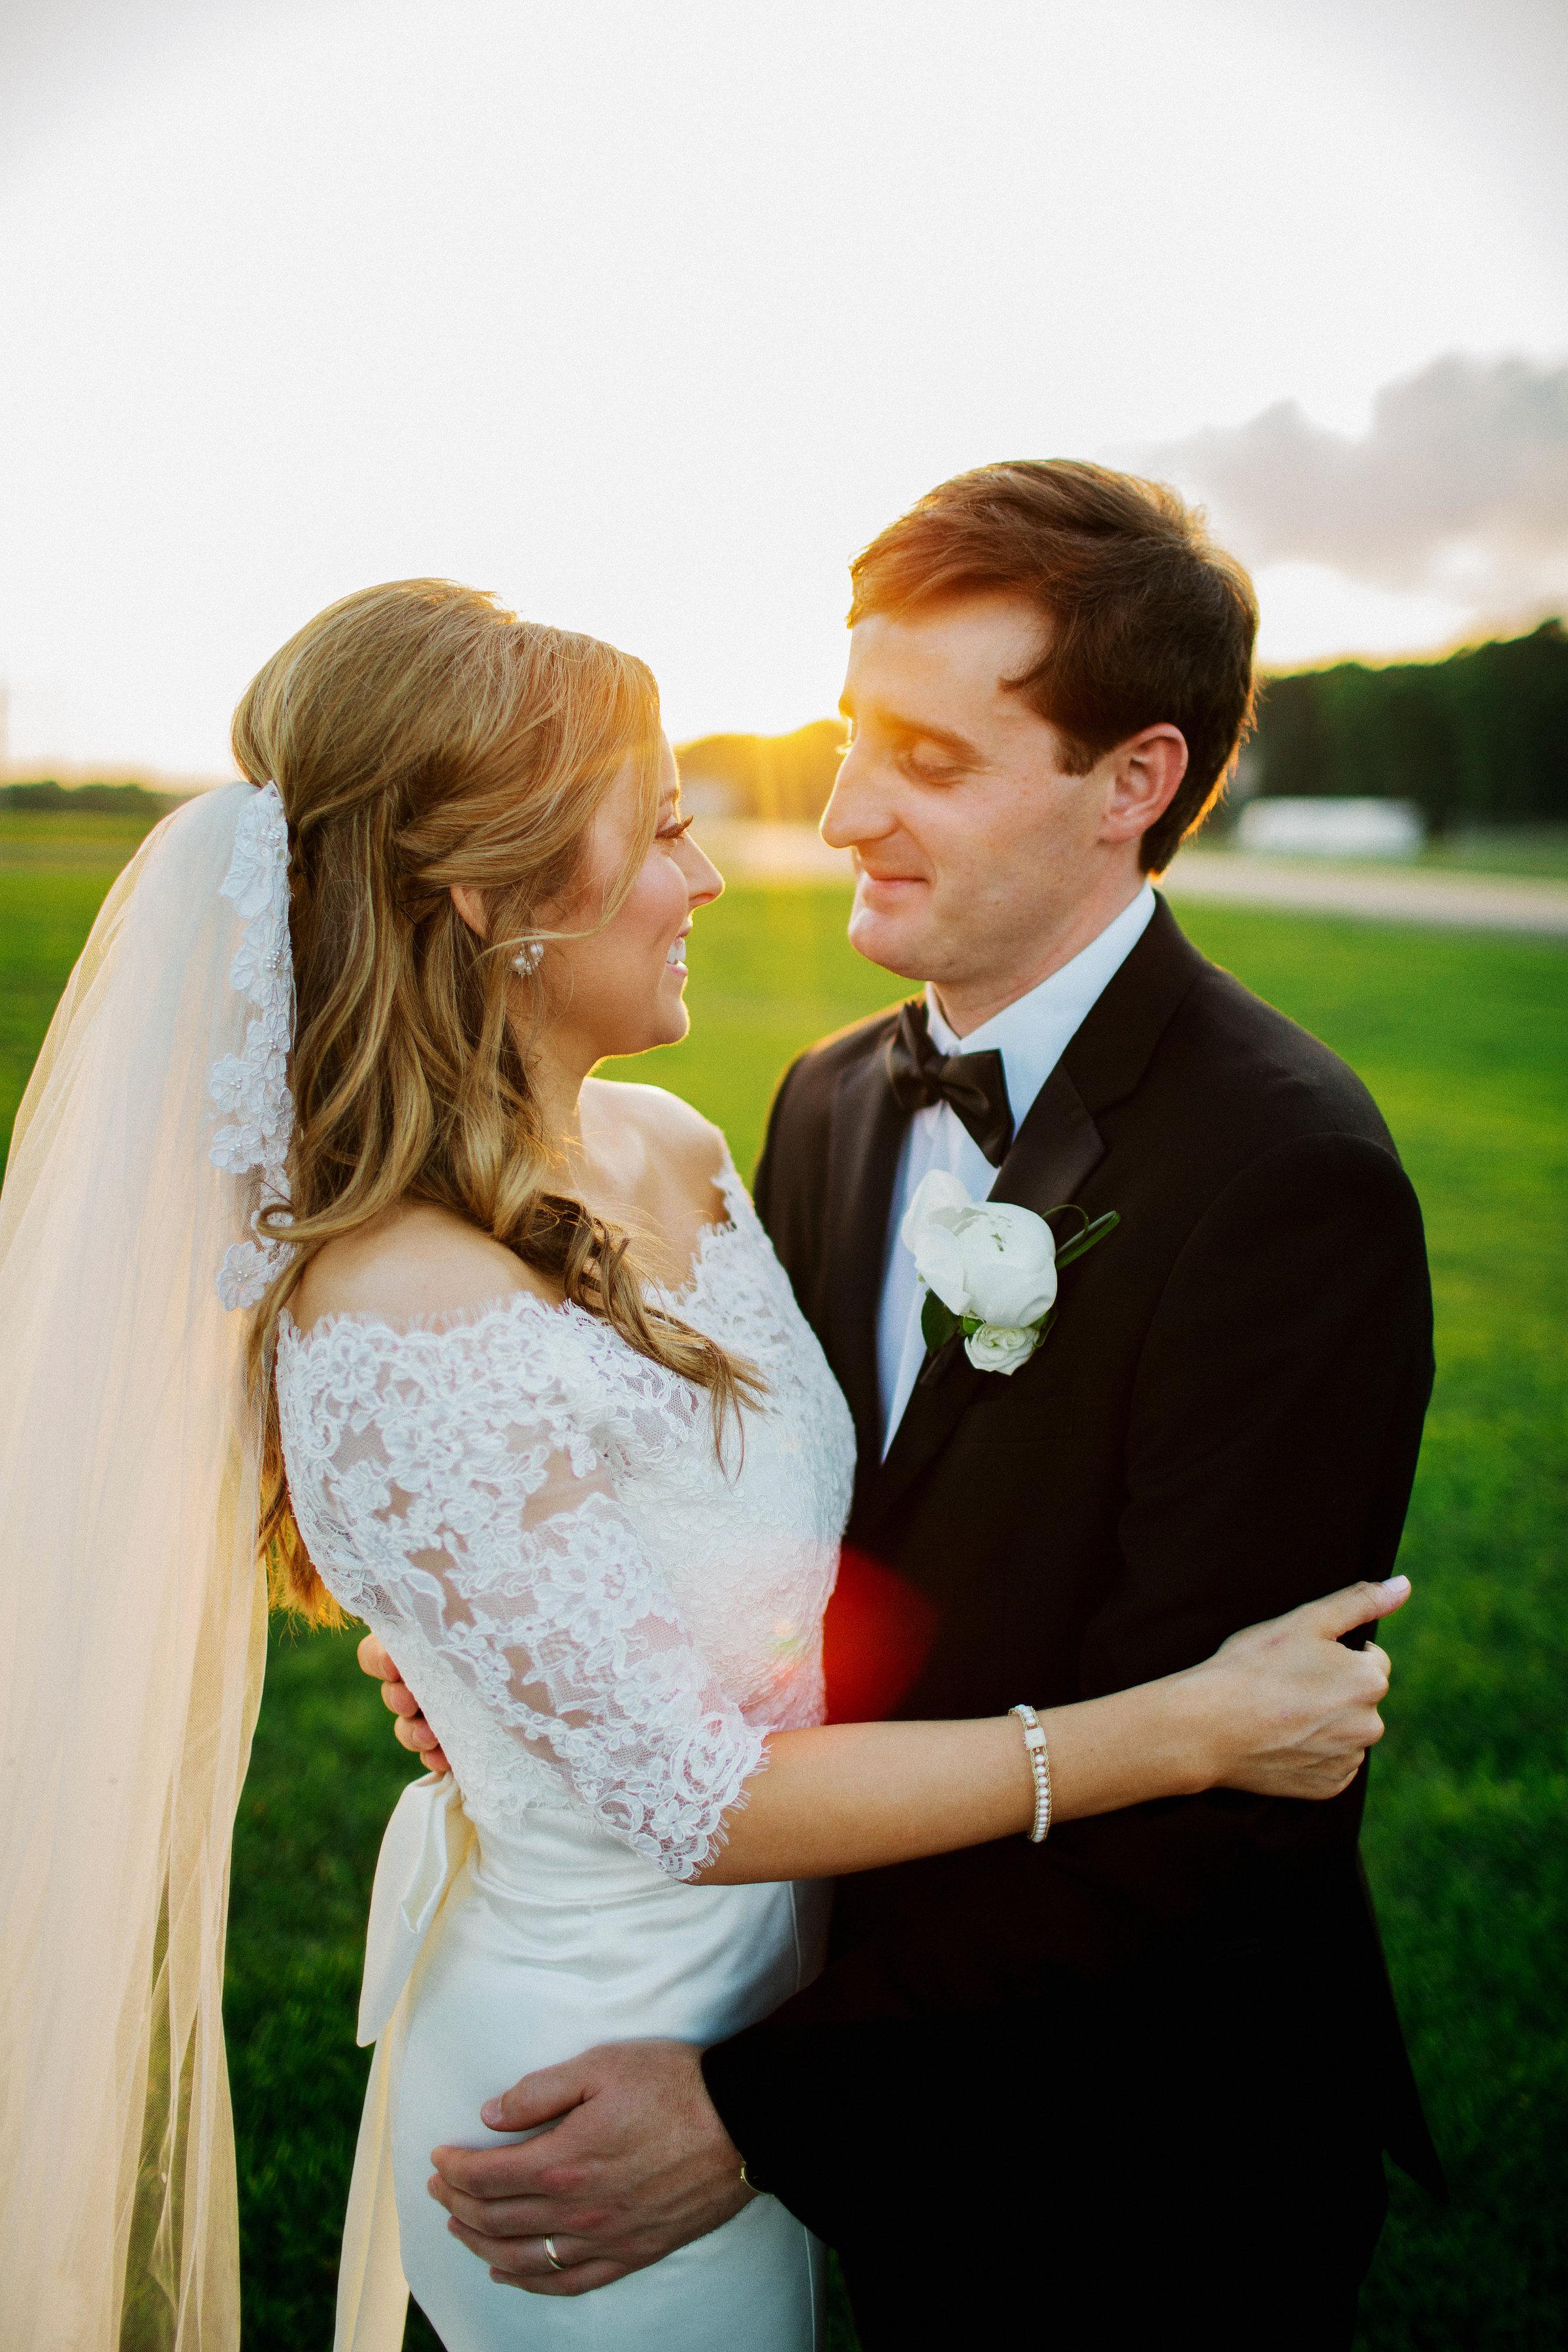 474e0e37c8 Their Louisiana wedding is so stinkin  cute